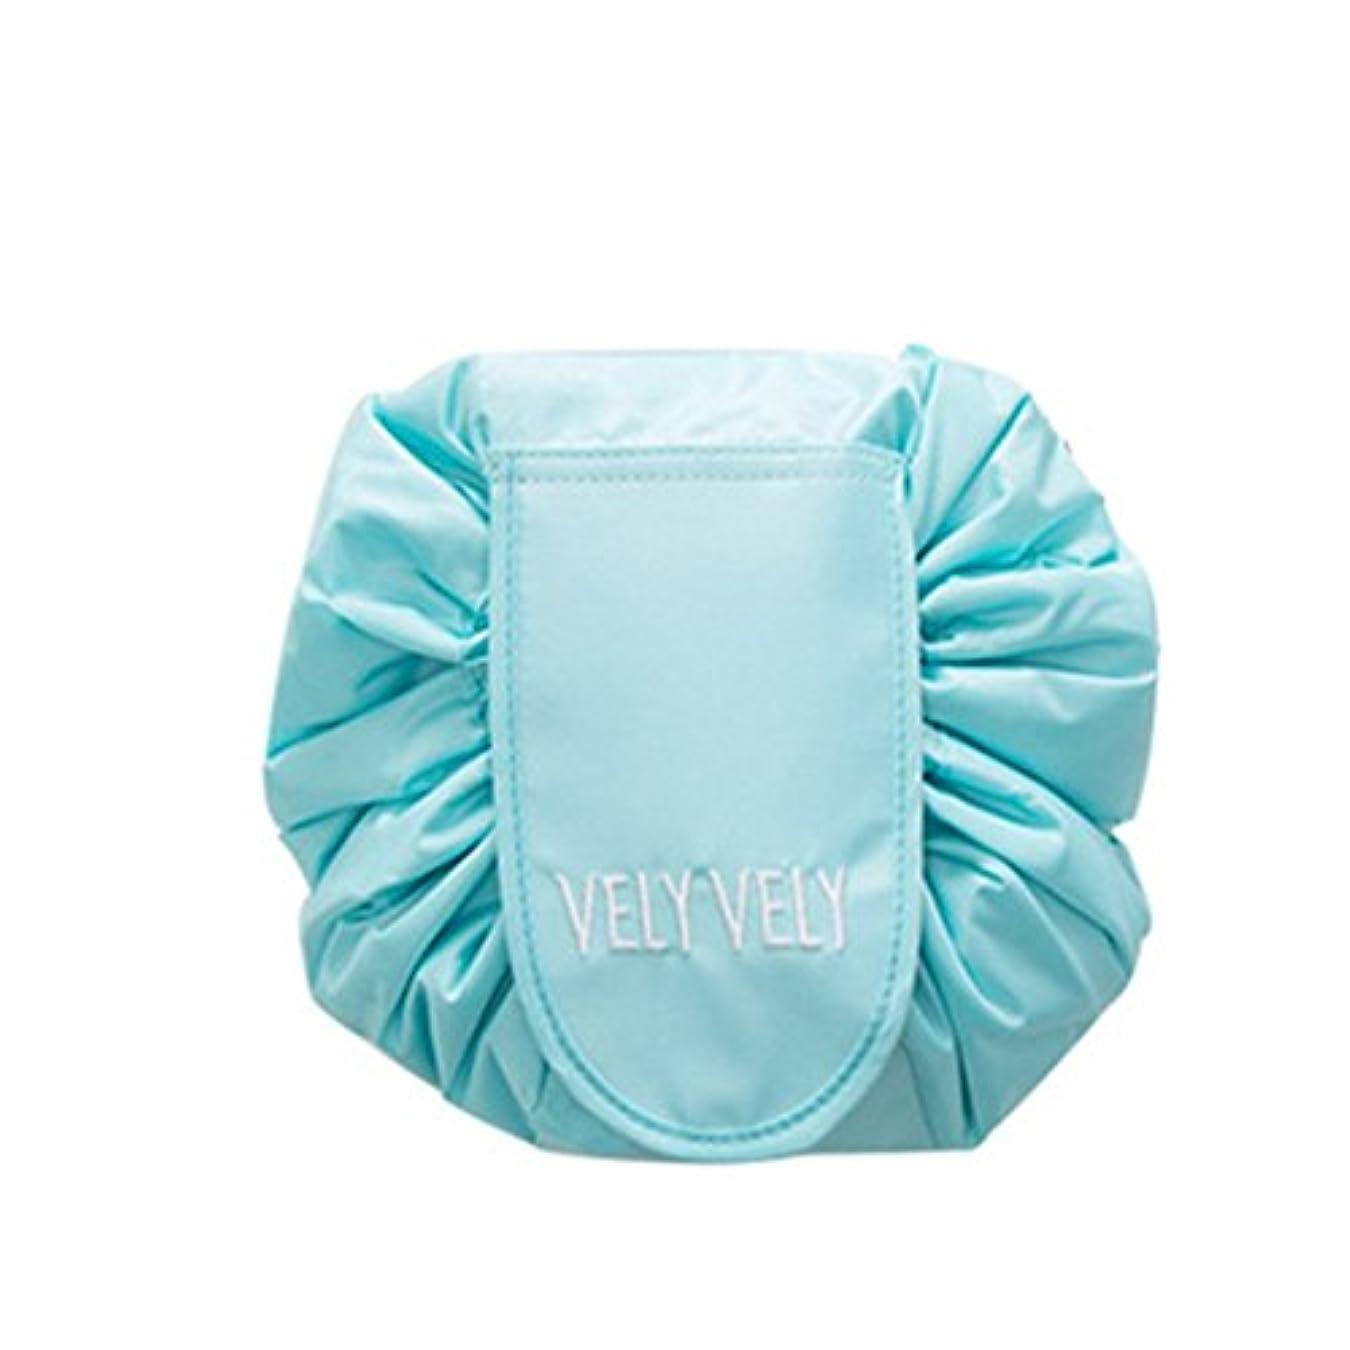 リサイクルするモンキーフェードSmartRICH 化粧品収納バッグ,折畳式 巾着型 収納携帯用 便利 防水的 旅行 容量大きい 可愛い 化粧バッグ 化粧ポーチ (青)